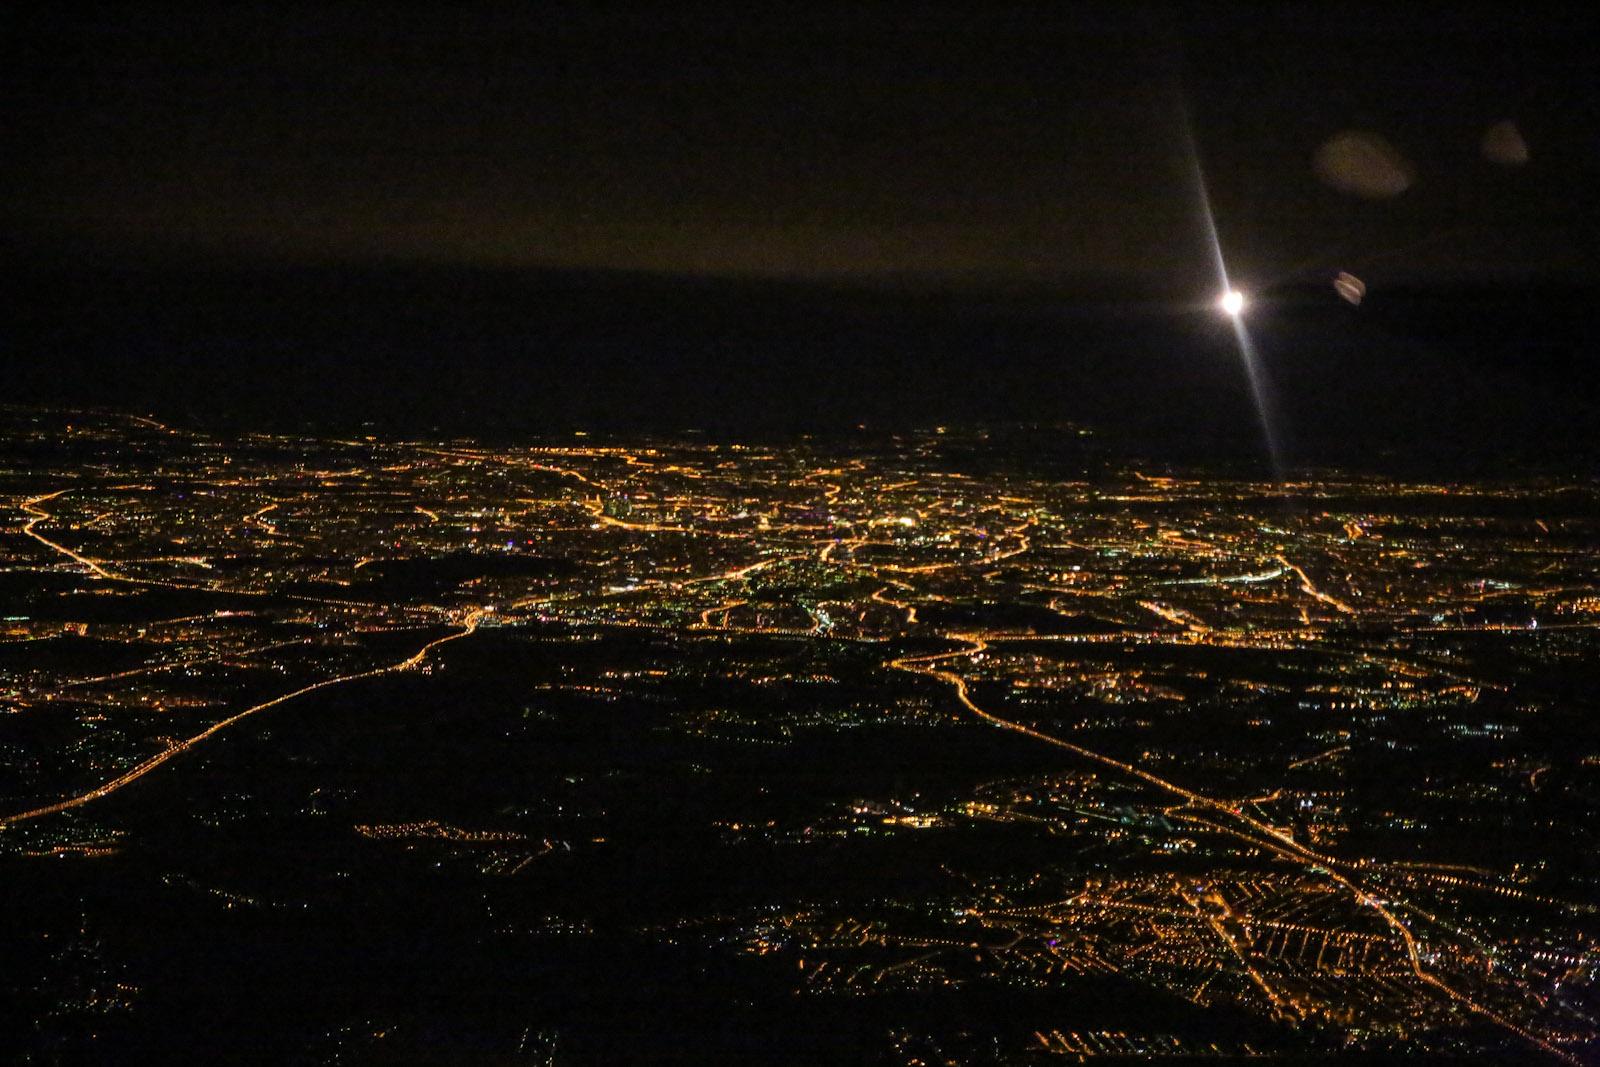 Ночная Москва перед посадкой в аэропорту Домодедово